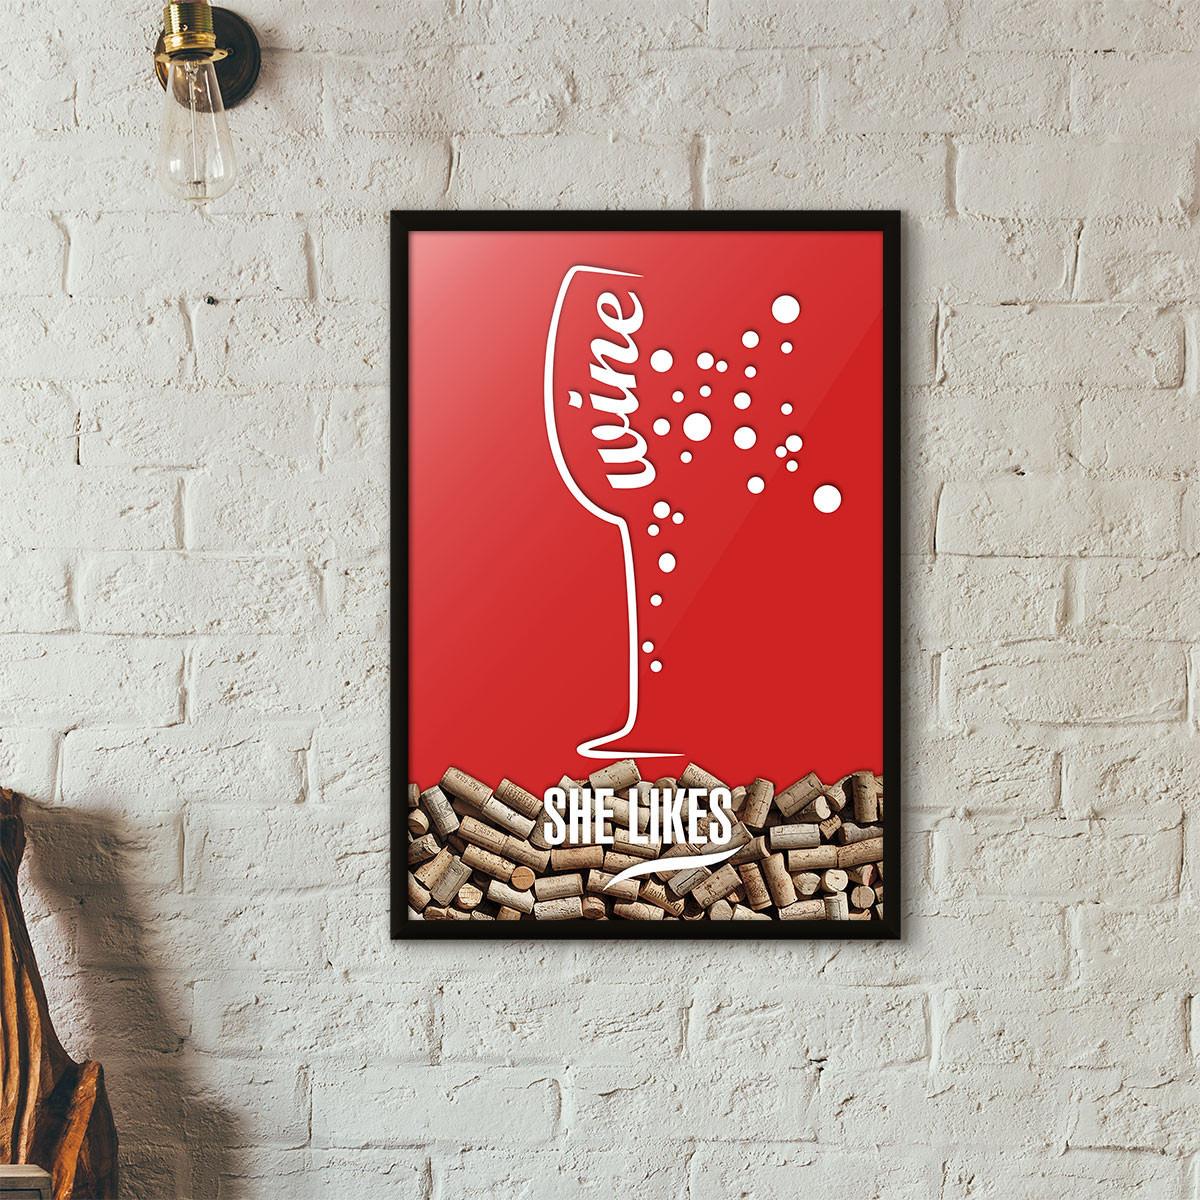 Quadro Porta Rolhas de Vinho - She Likes - Vermelho